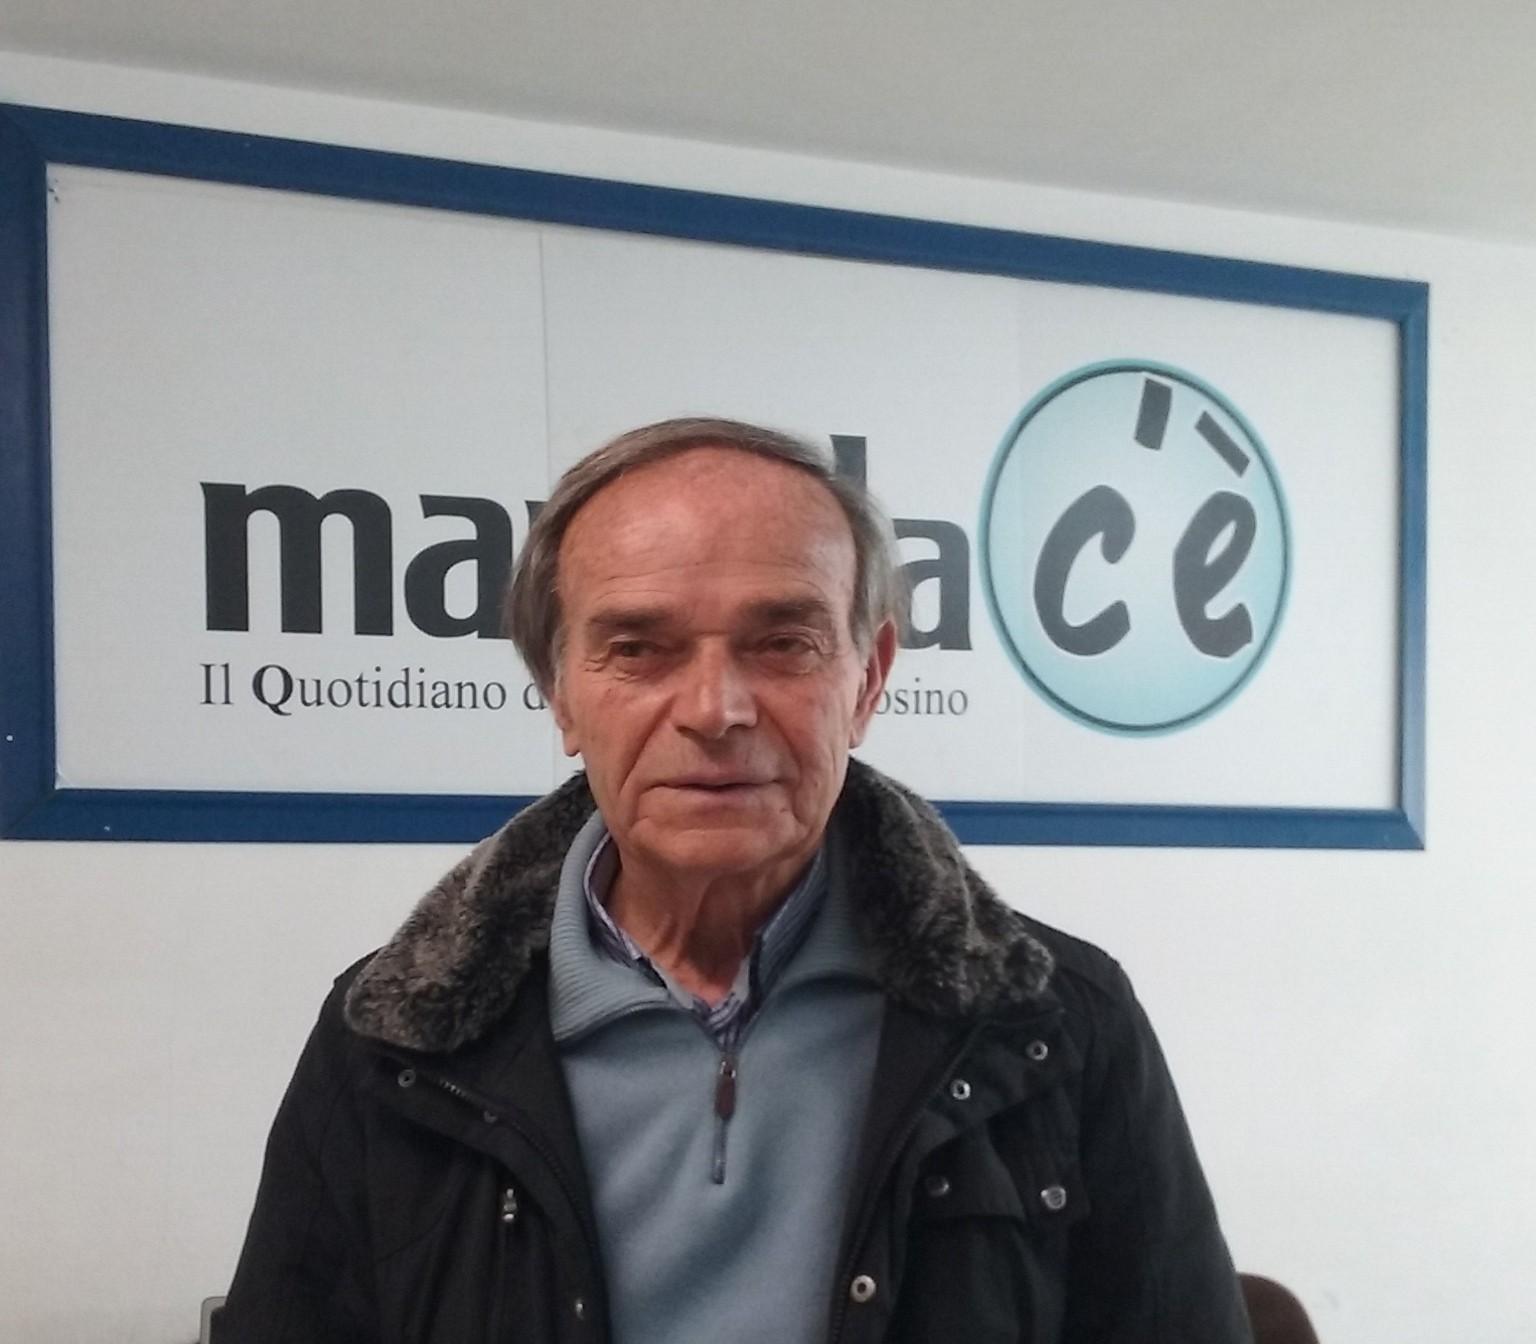 Marco Tramati